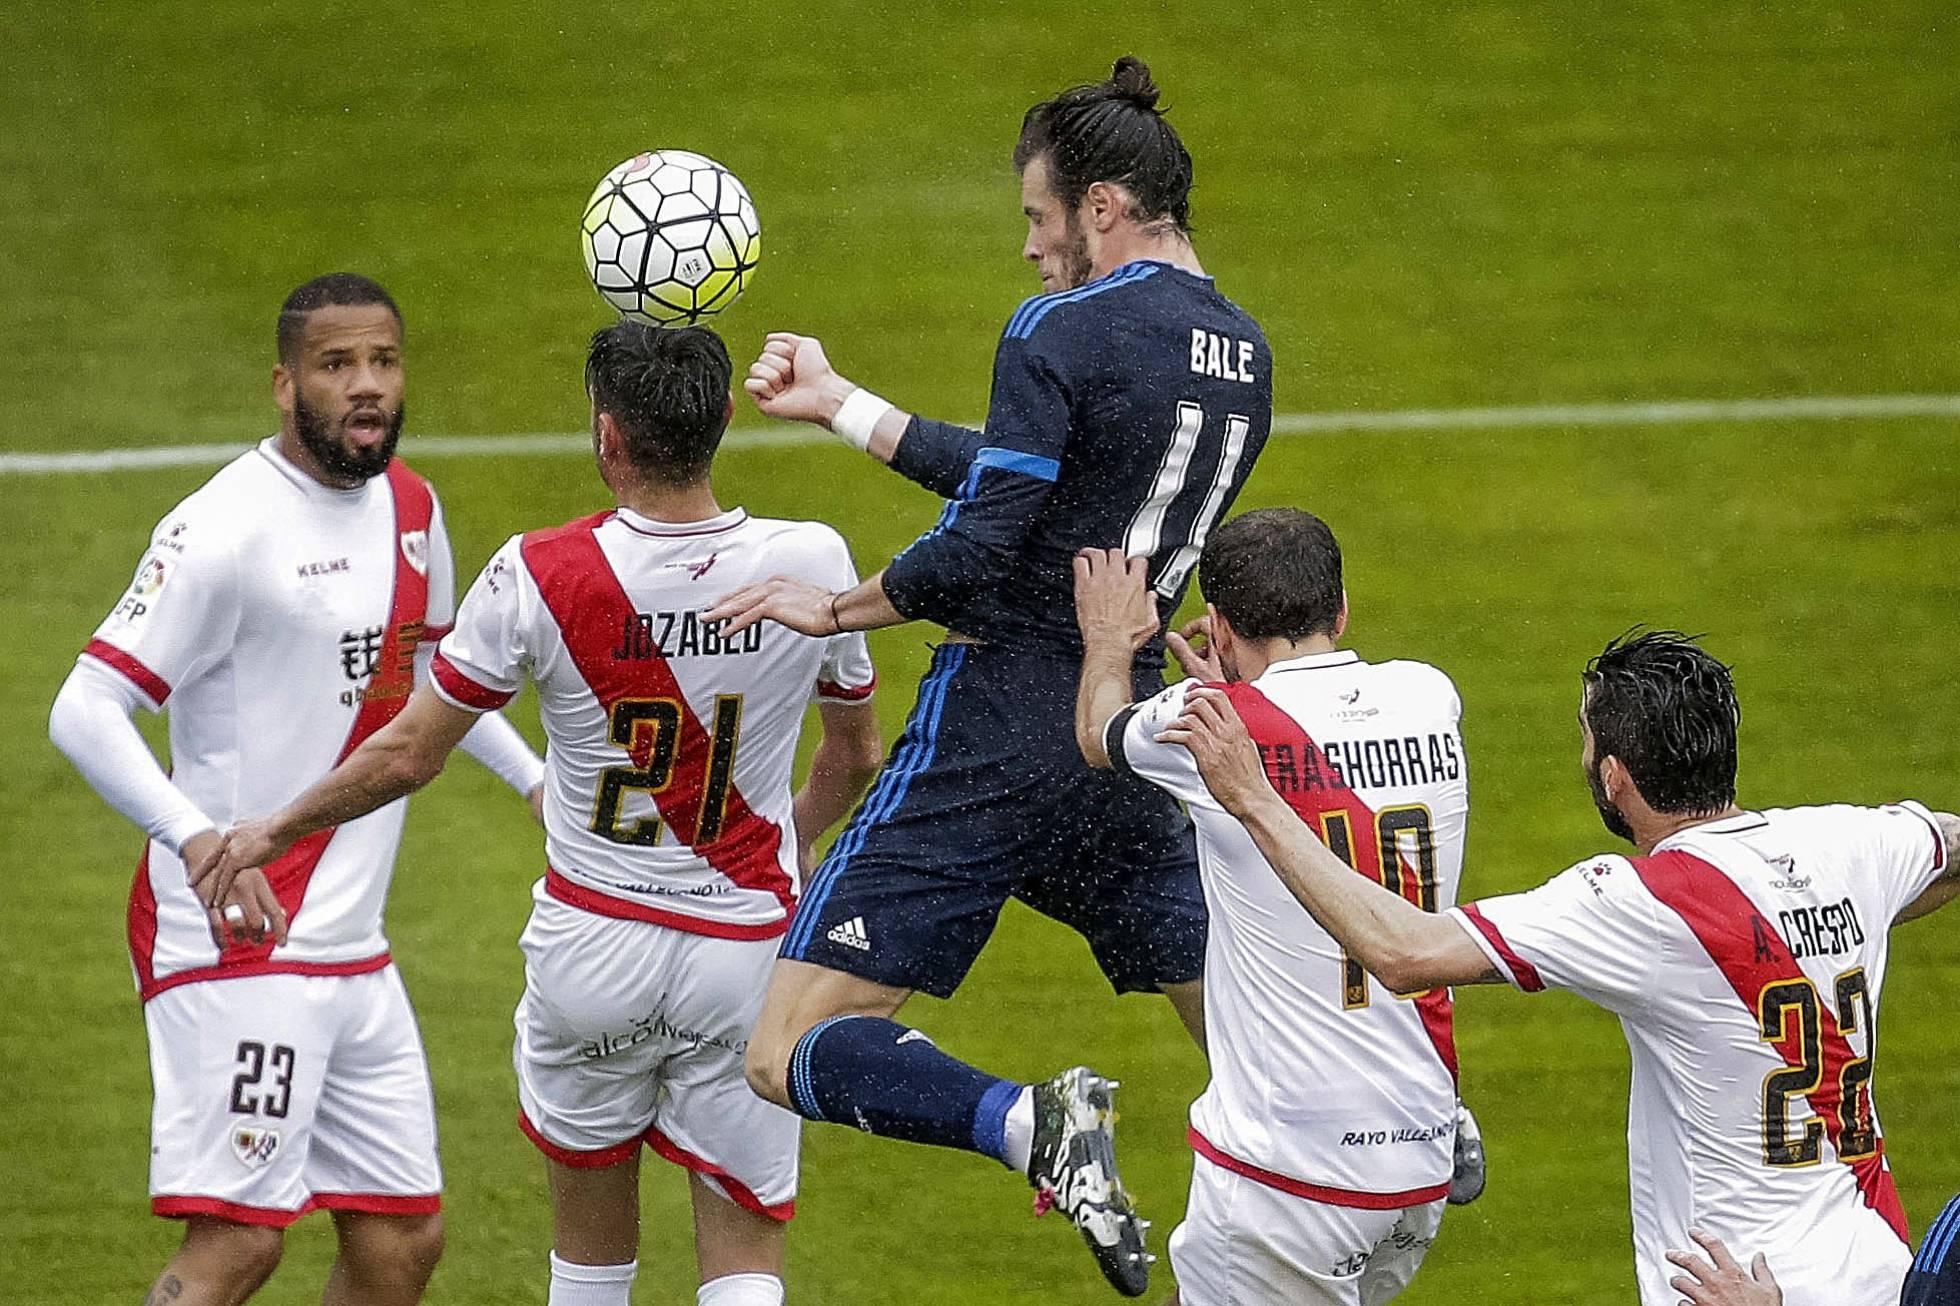 Las 5 claves del duelo perdido por el Rayo Vallecano con el Real Madrid